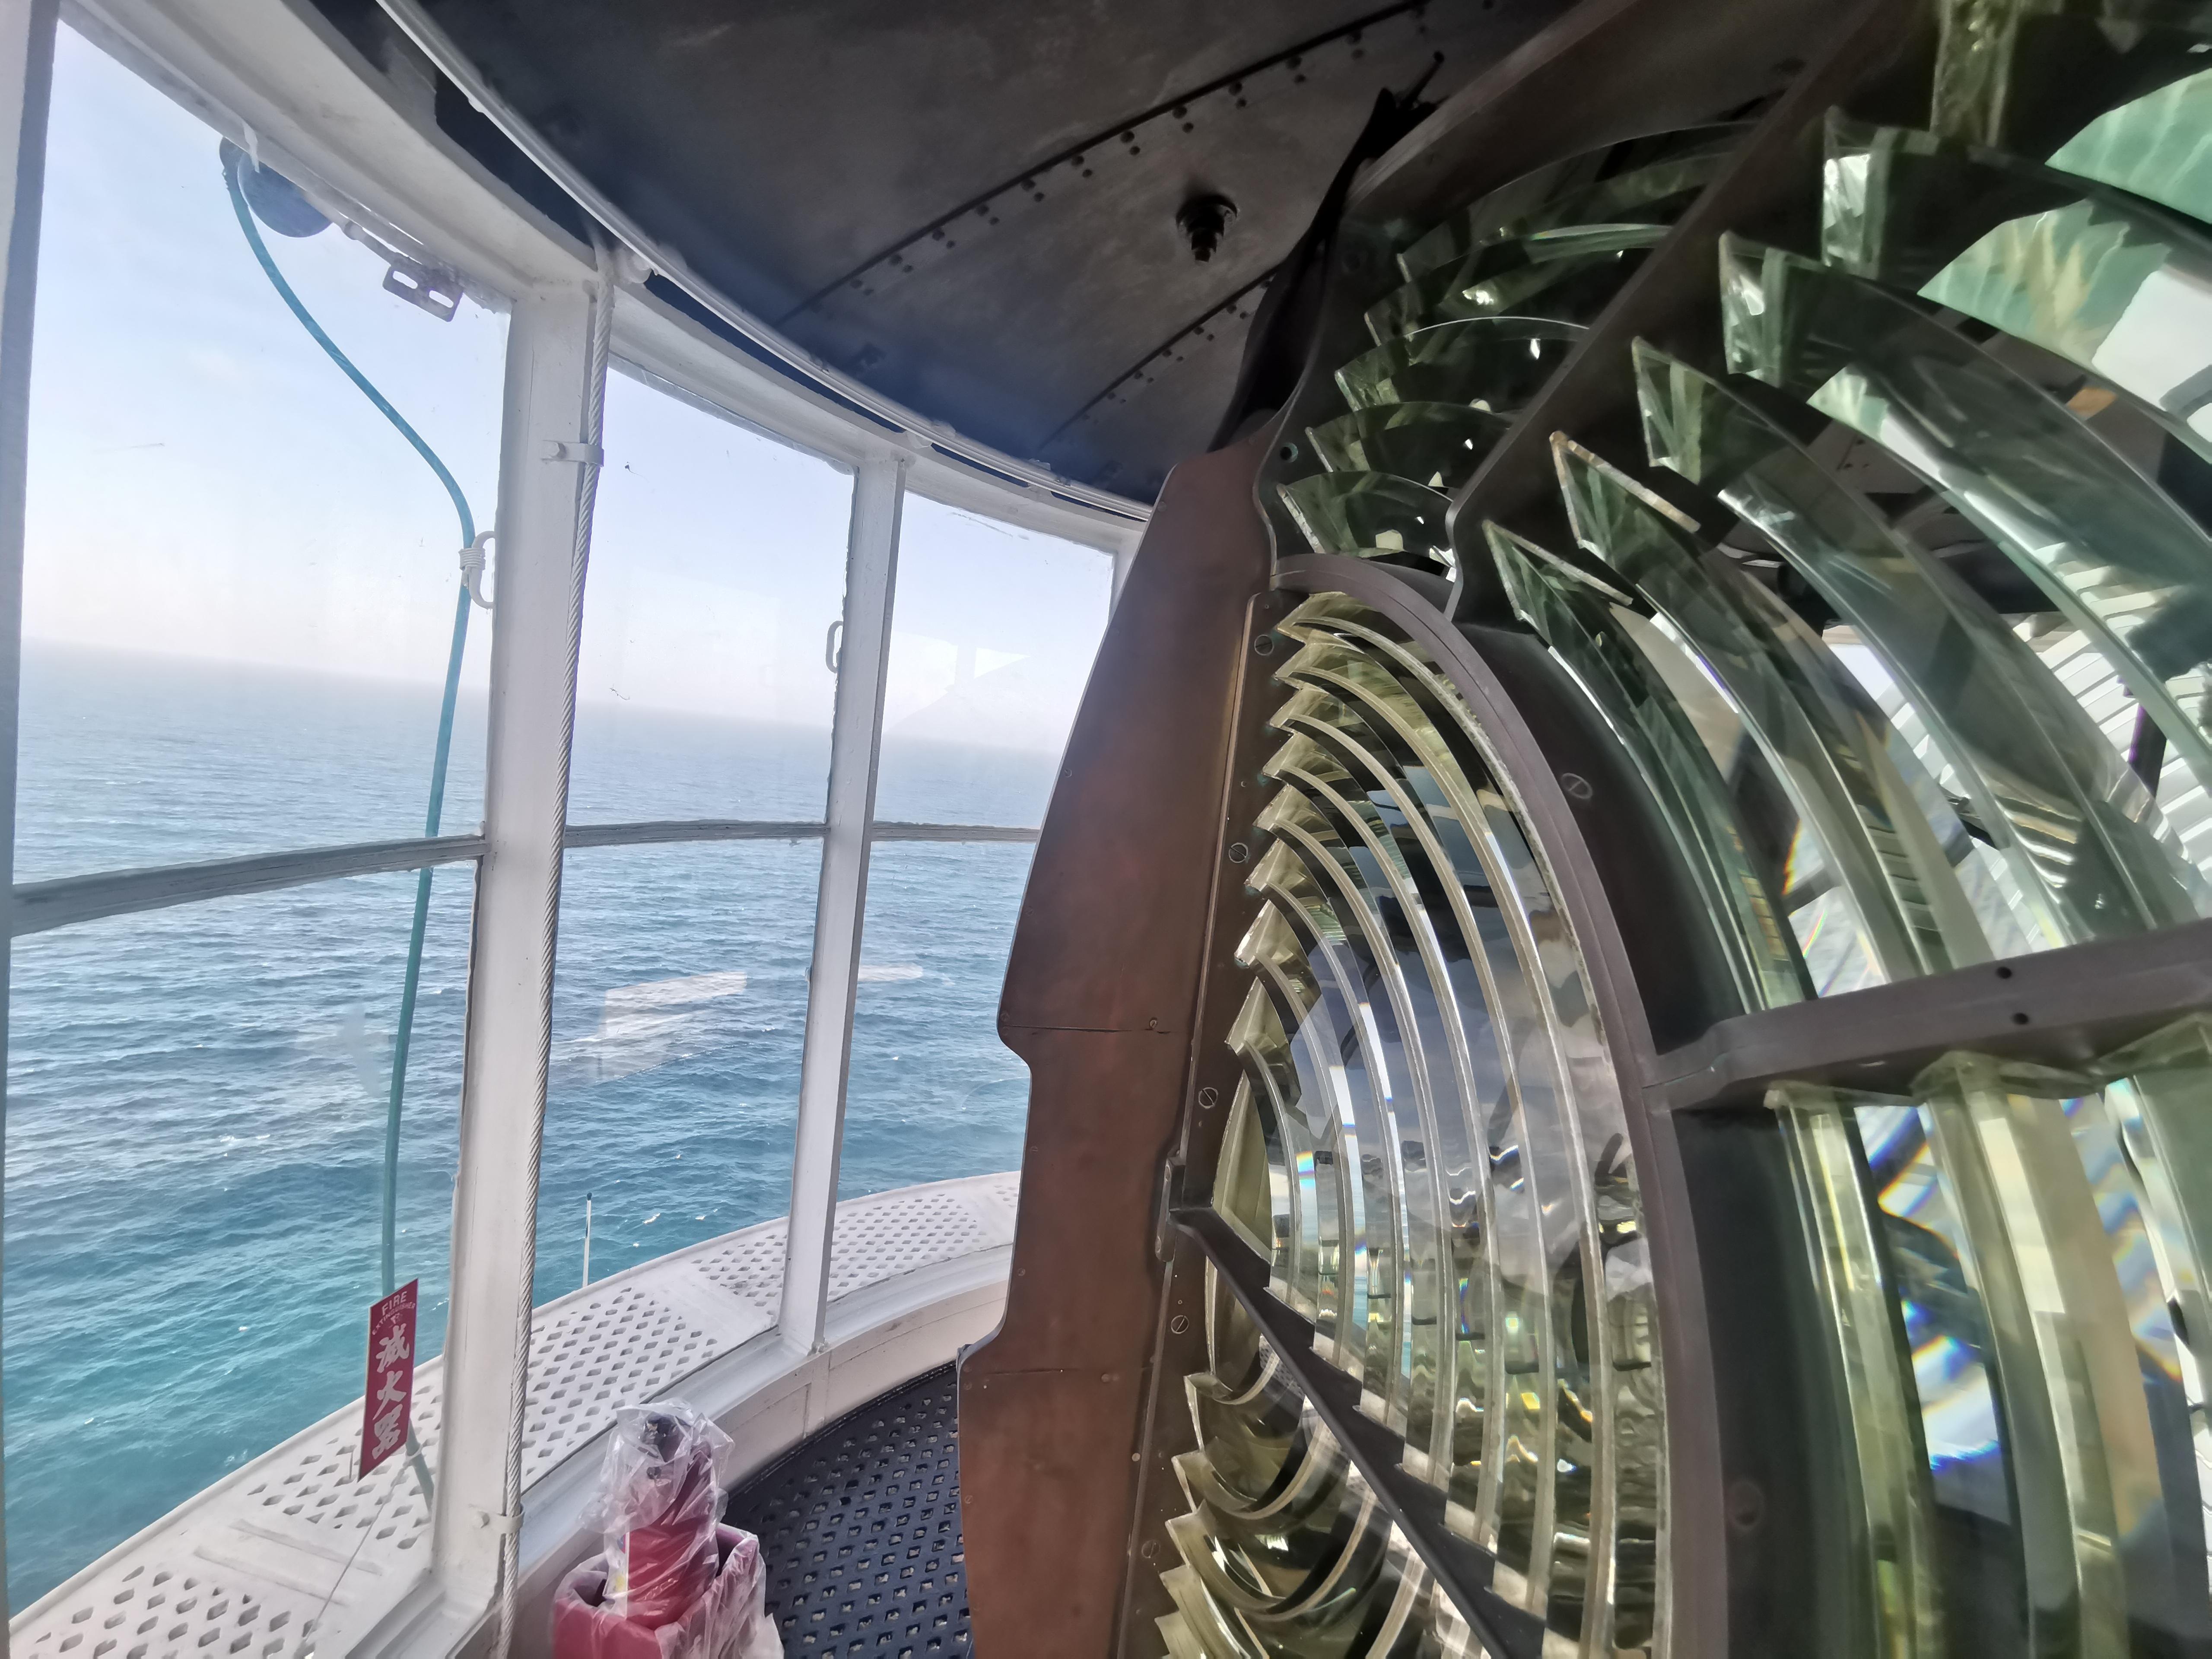 全台唯一懸崖上的燈塔  走入東引燈塔內部 掀開百年燈塔神秘面紗  東引燈塔最佳拍攝時間  馬祖旅遊必去景點  東引旅遊 東引景點